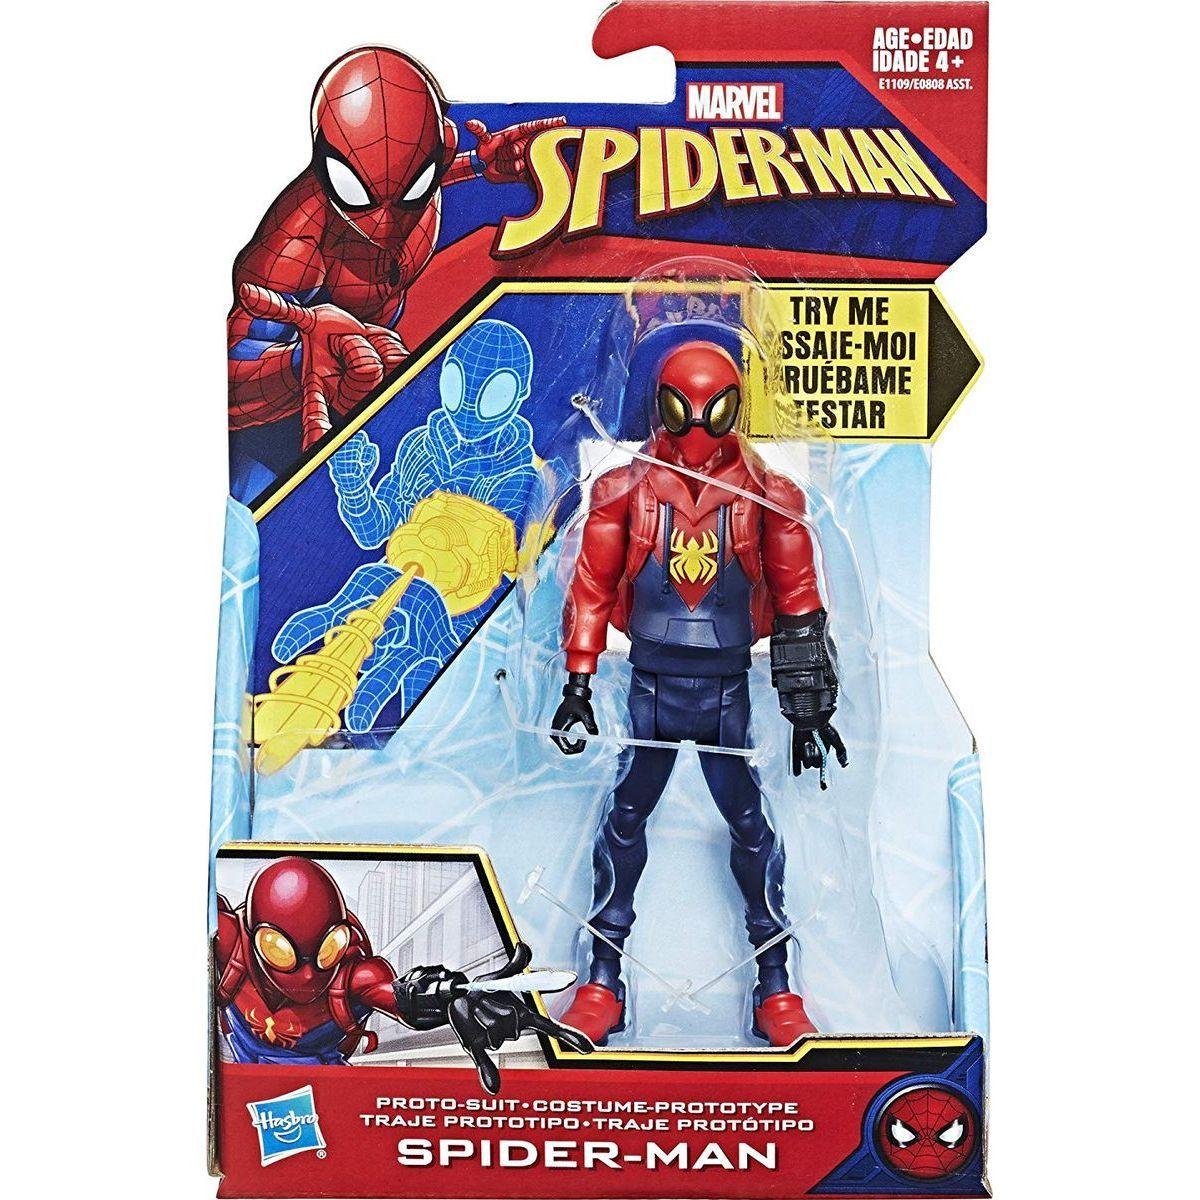 Letní Filmy Které Vás Budou Bavit: Spiderman 15cm Figurky S Vystřelovacím Pohybem Spider-Man